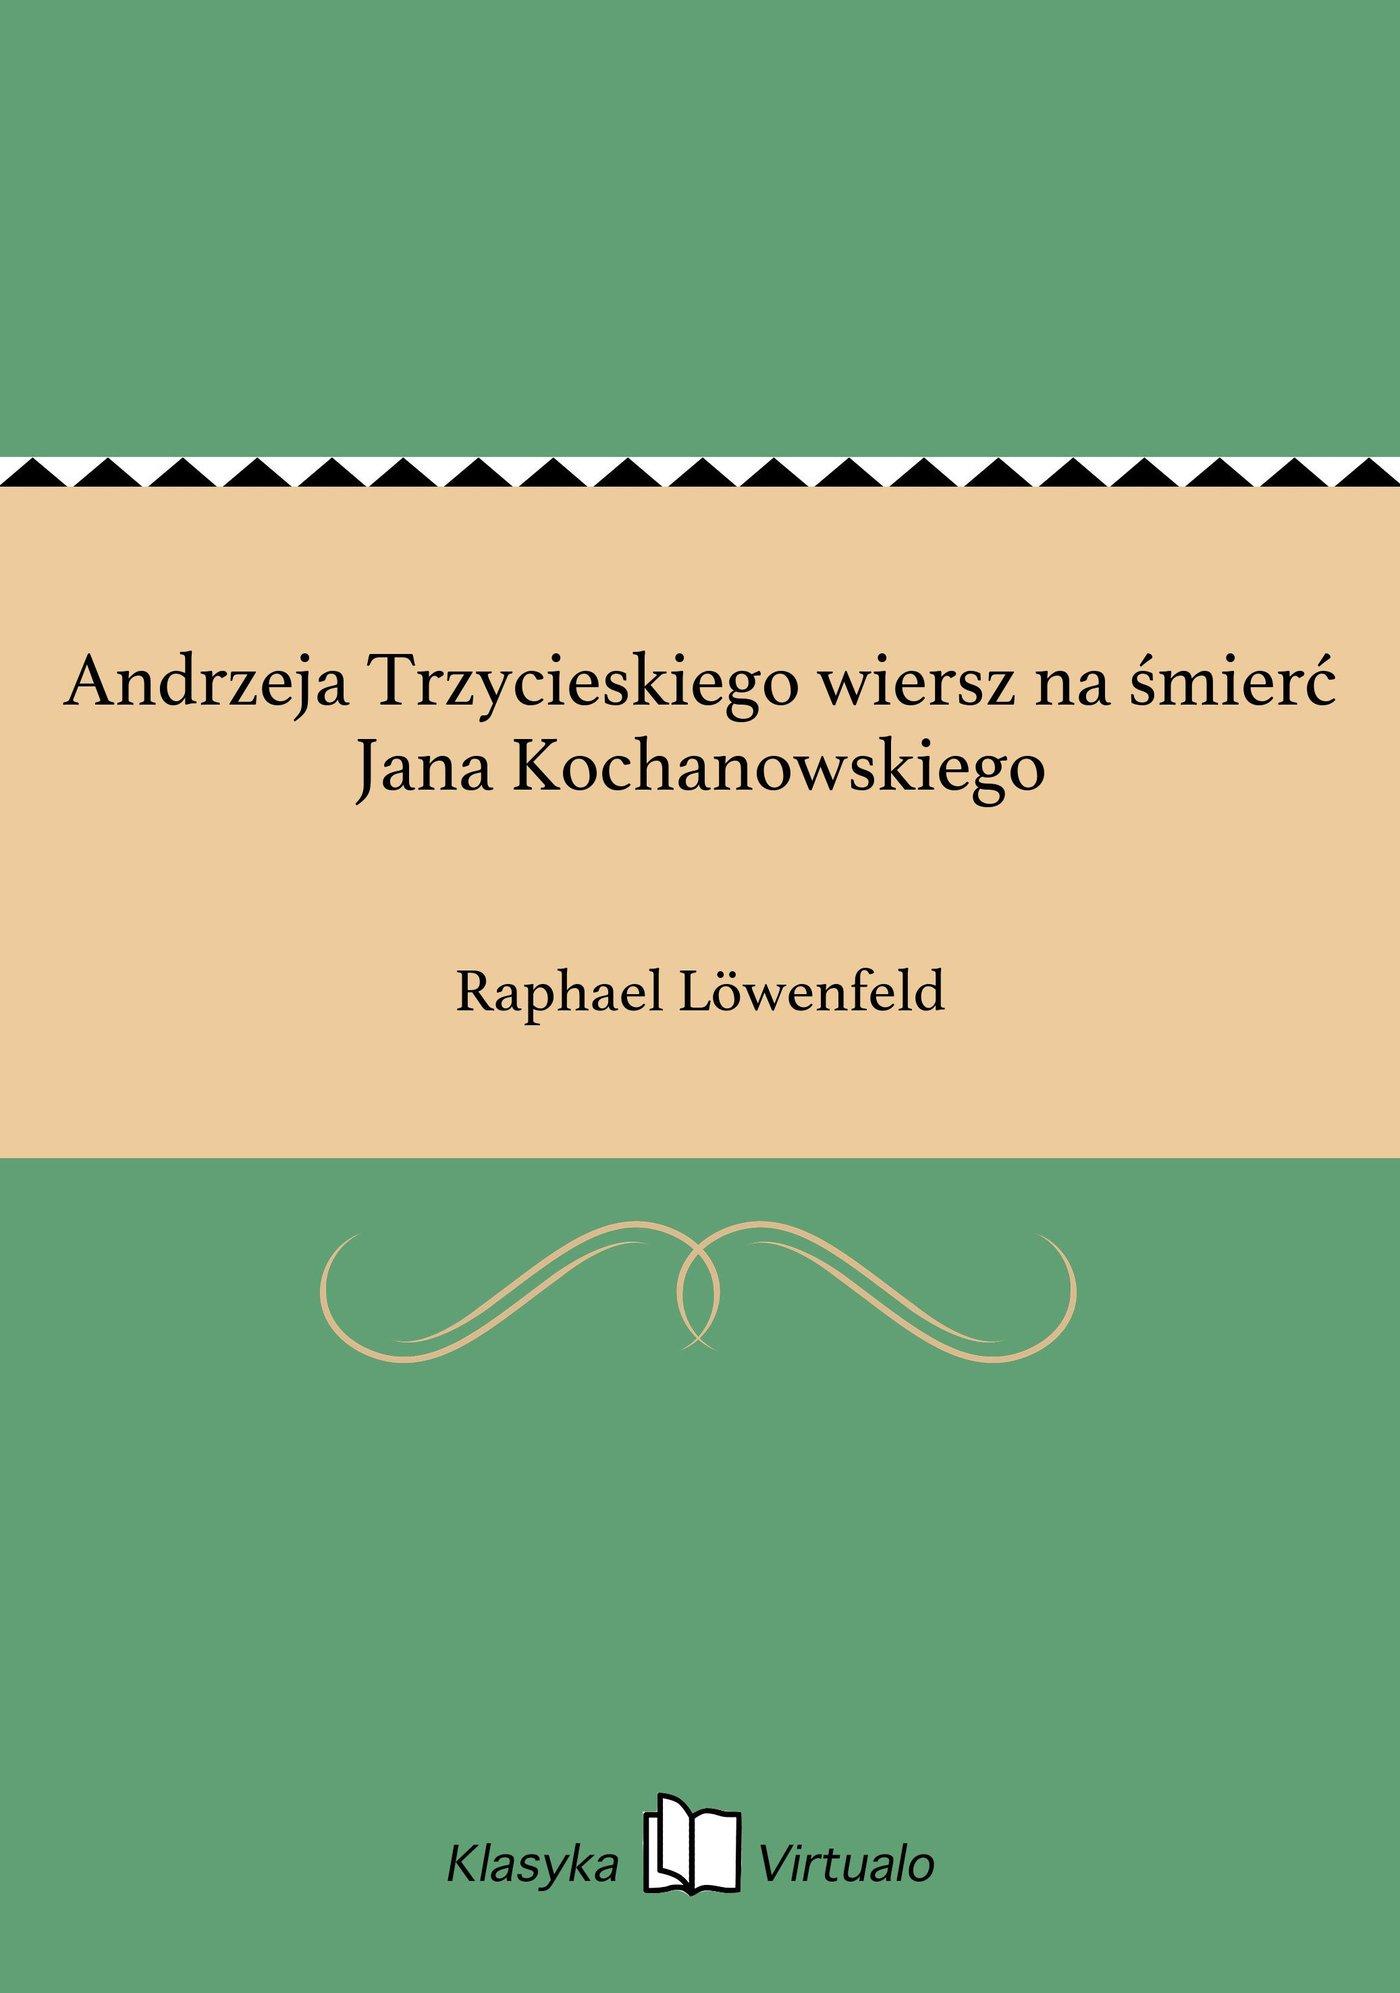 Andrzeja Trzycieskiego wiersz na śmierć Jana Kochanowskiego - Ebook (Książka EPUB) do pobrania w formacie EPUB